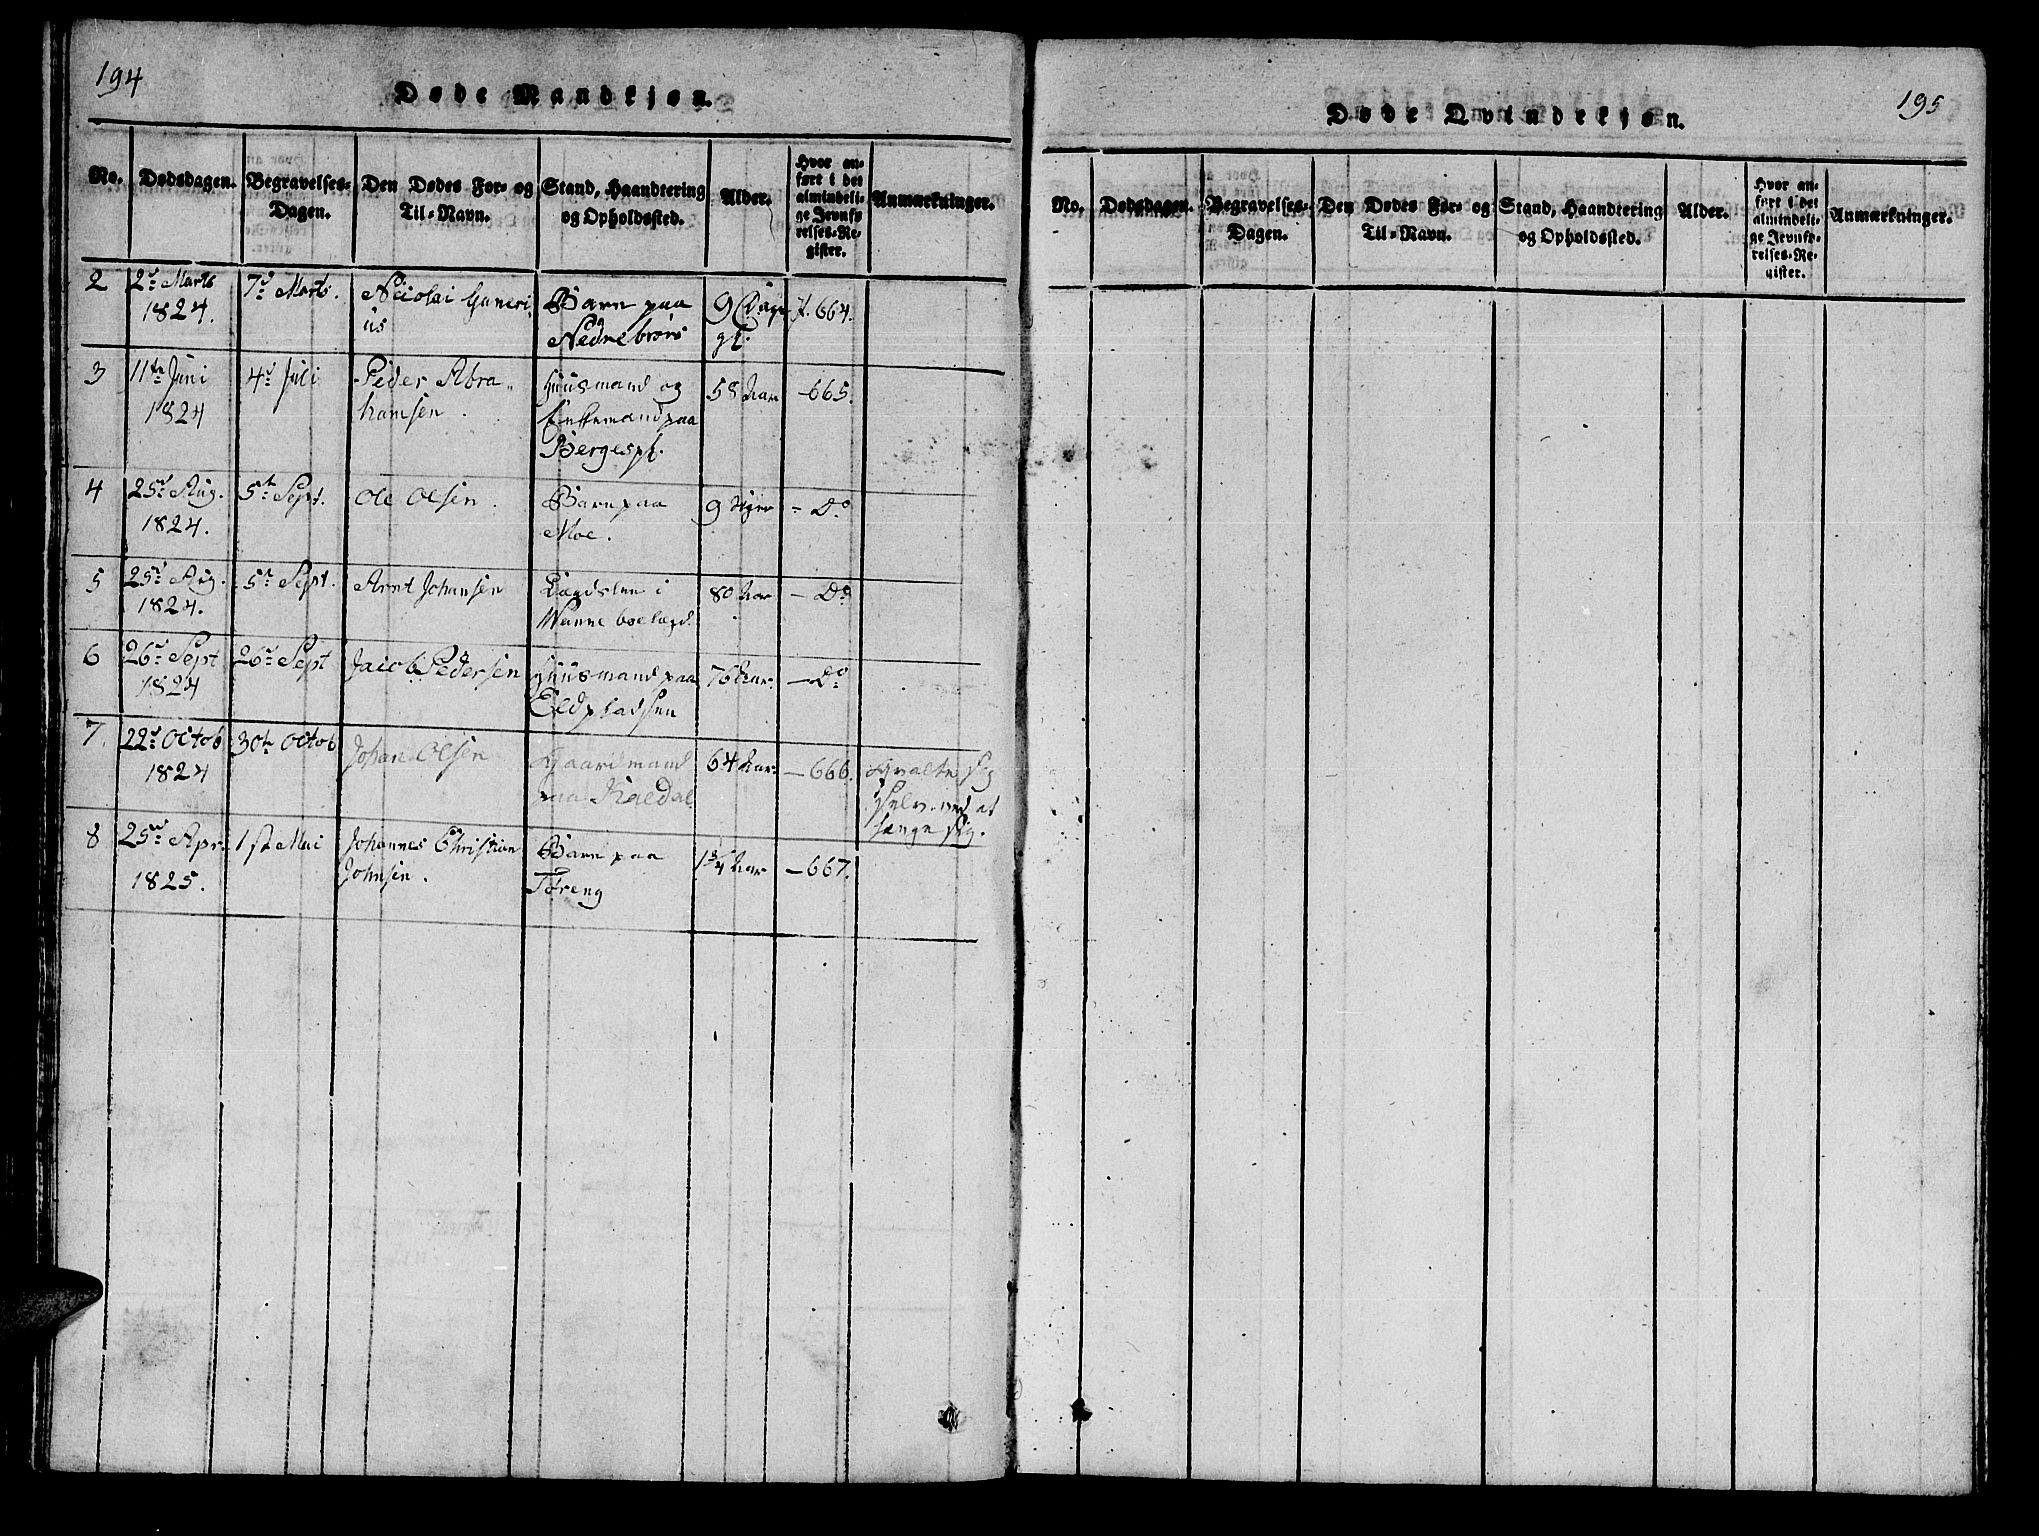 SAT, Ministerialprotokoller, klokkerbøker og fødselsregistre - Nord-Trøndelag, 742/L0411: Klokkerbok nr. 742C02, 1817-1825, s. 194-195